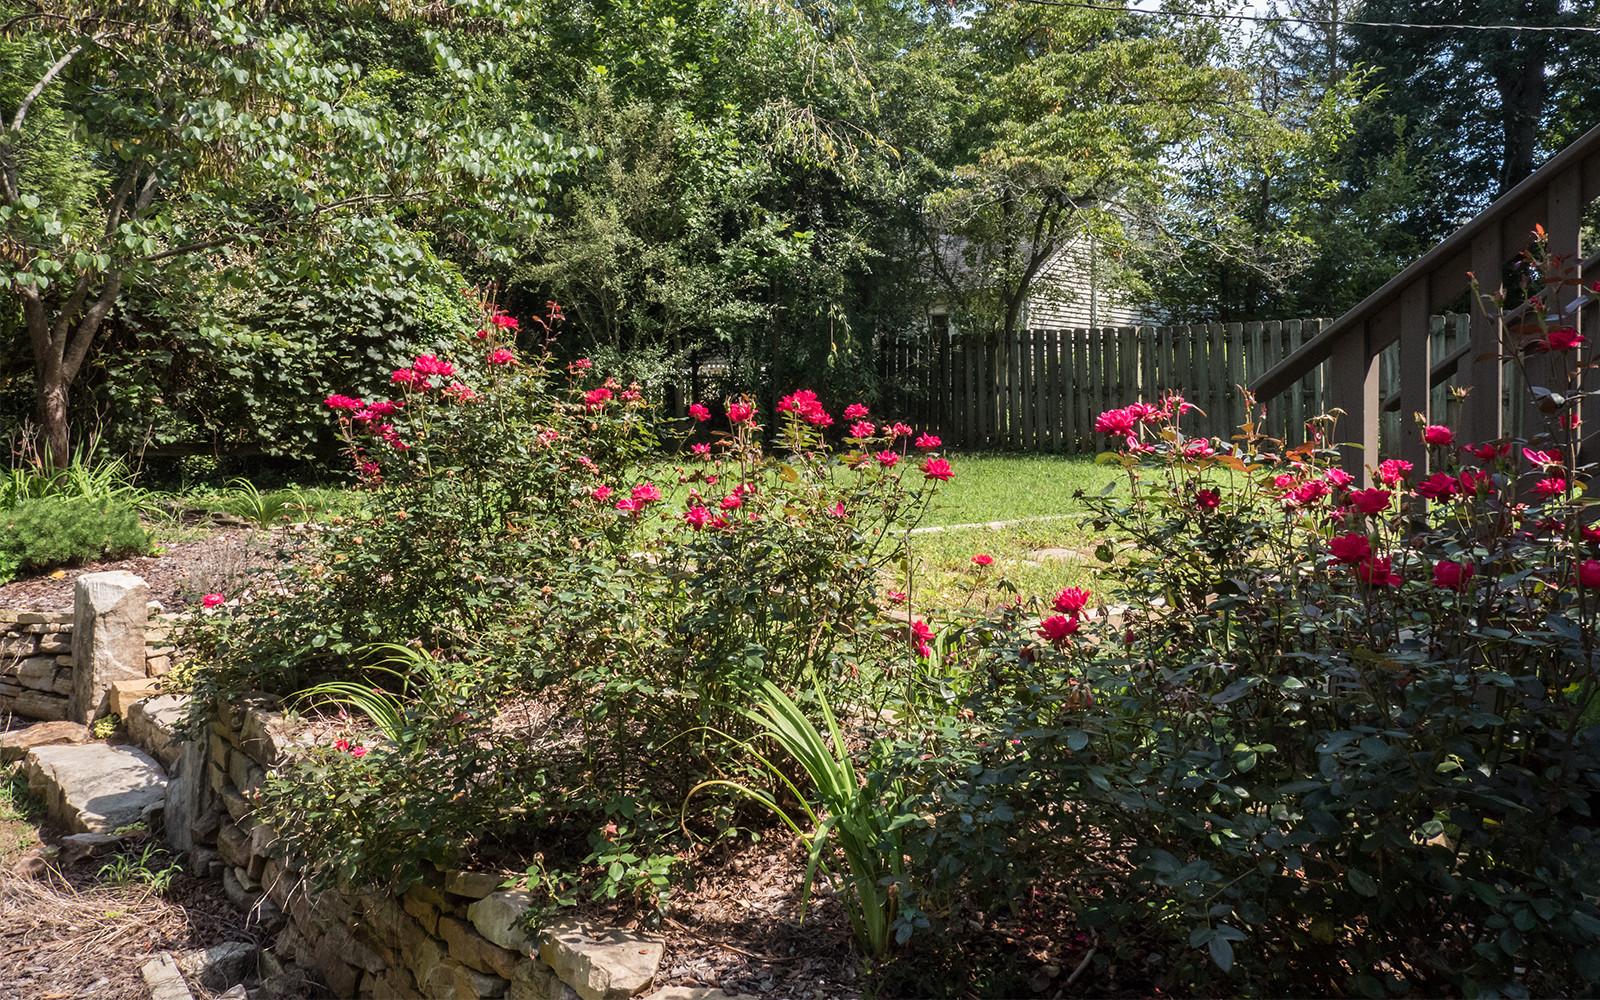 Guest house backyard